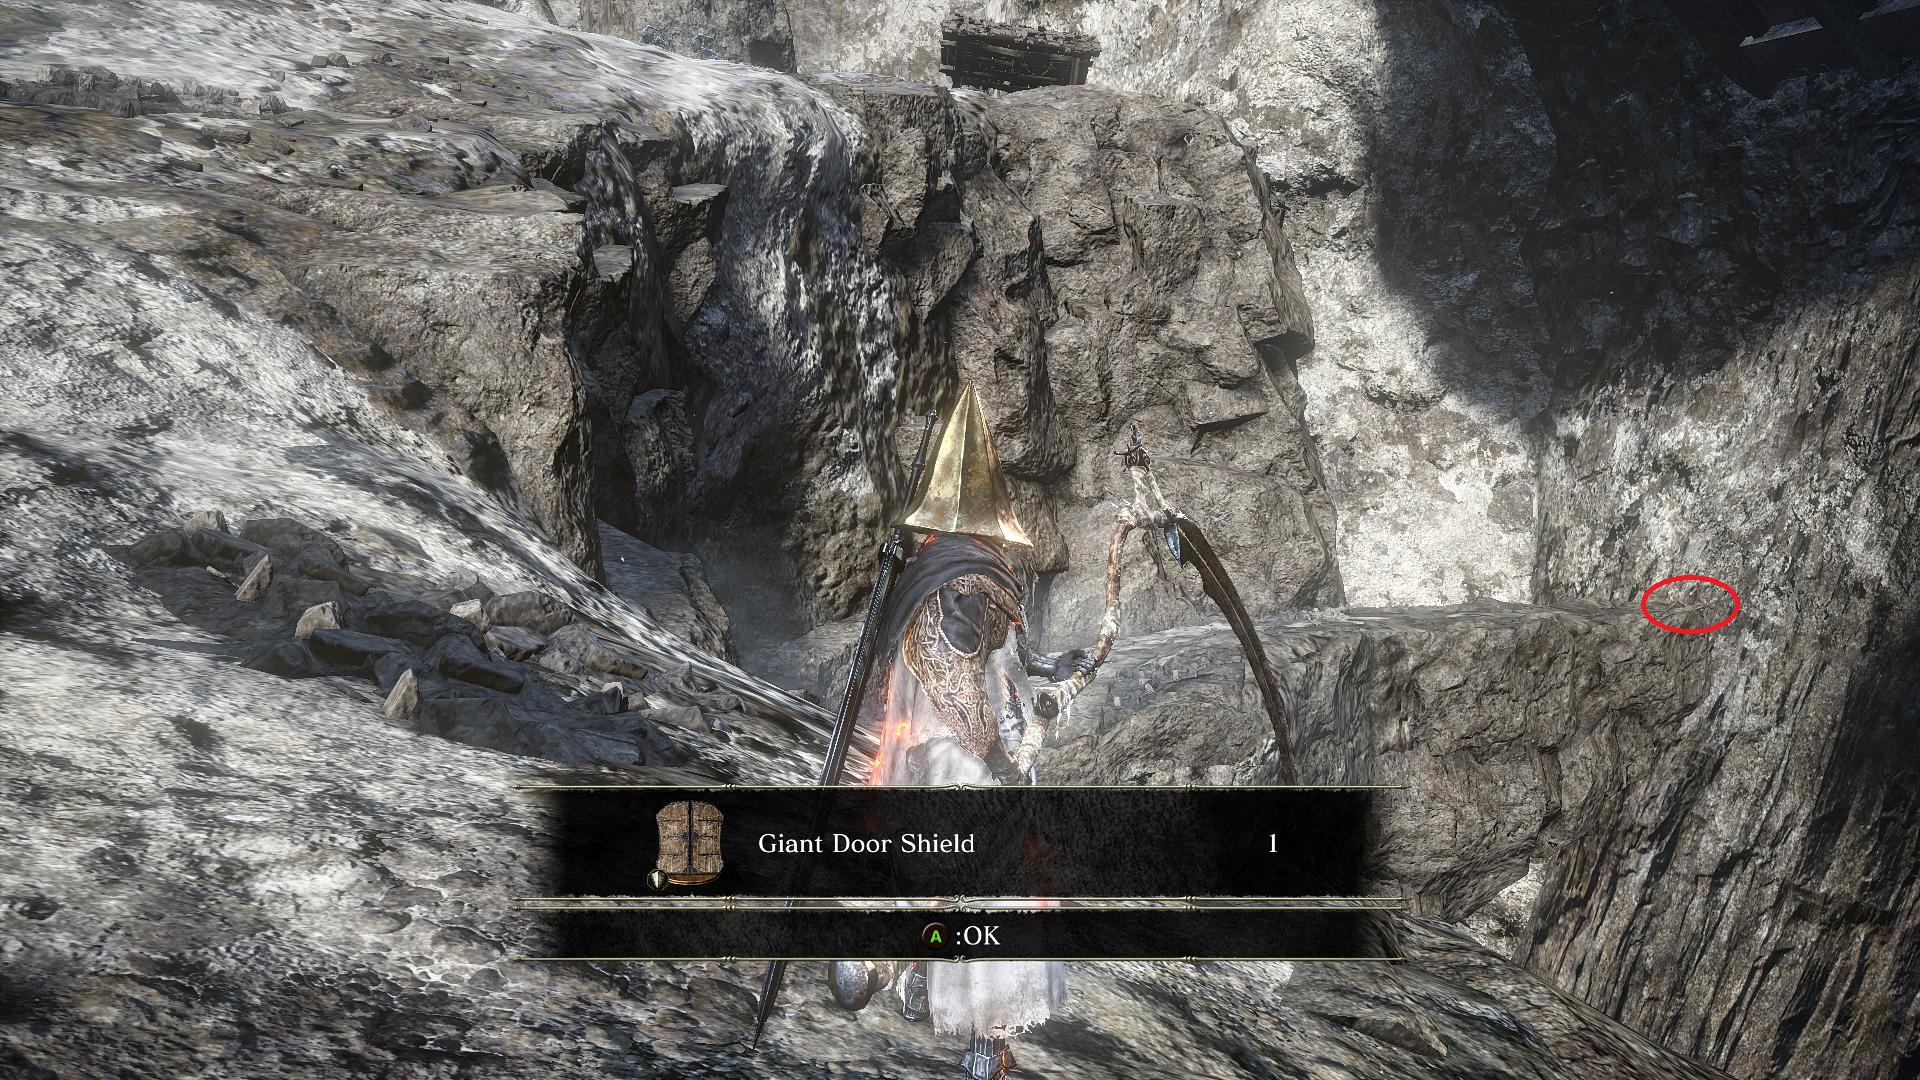 giant_door_shield.png